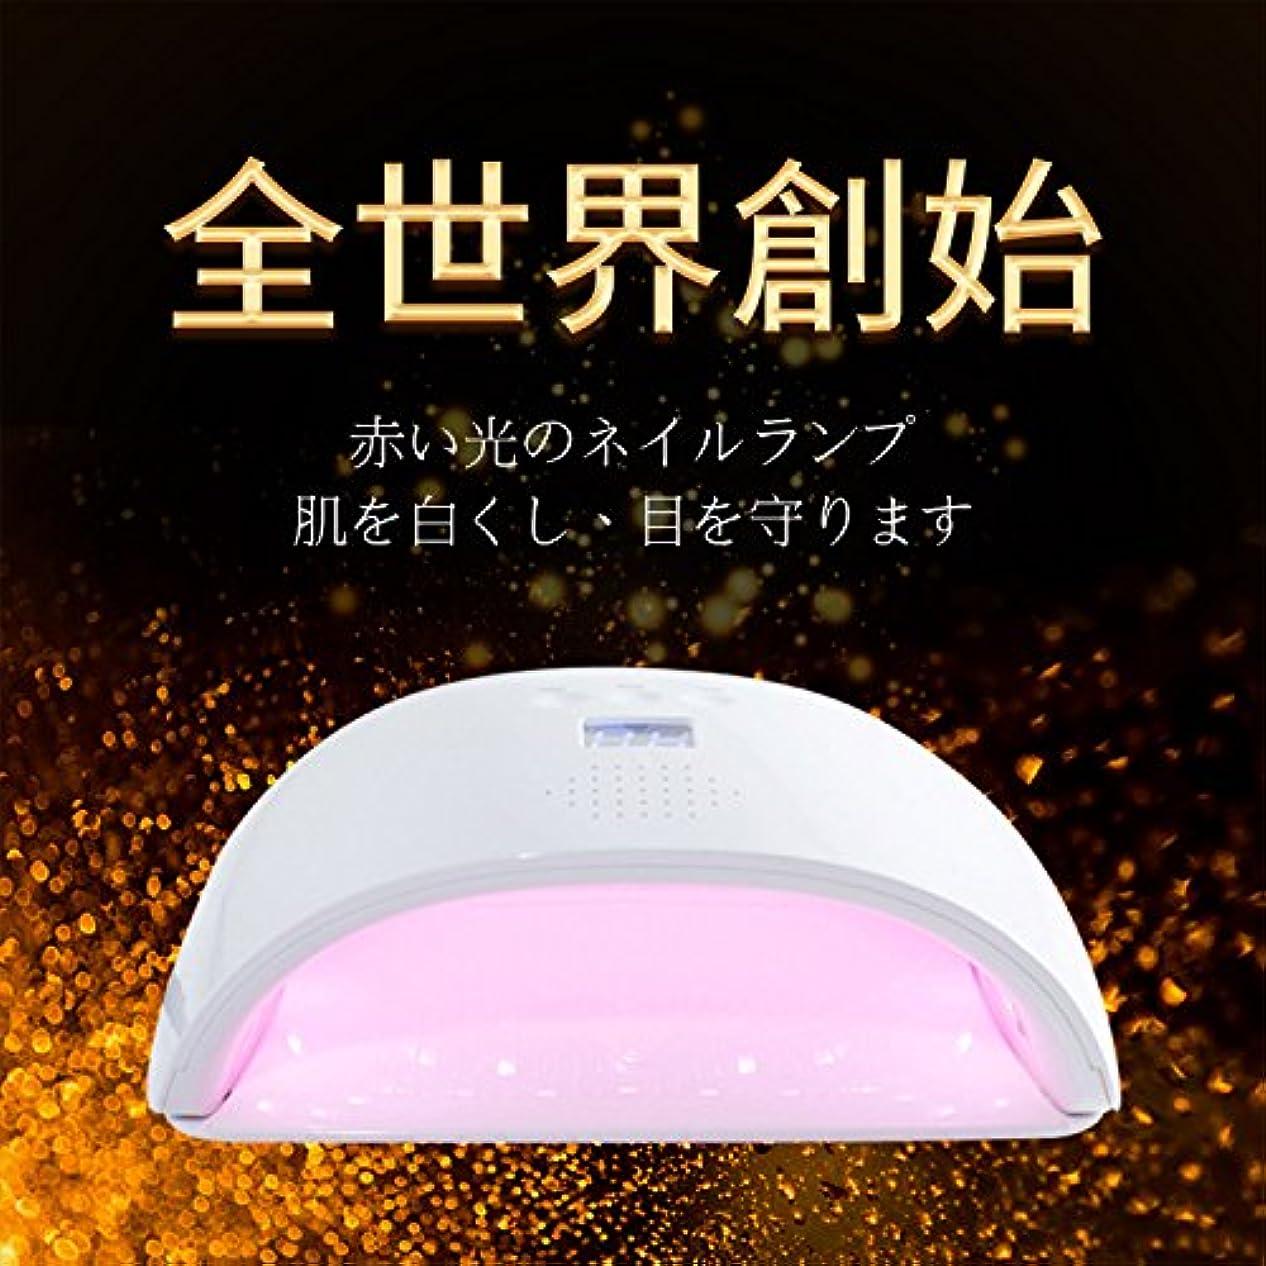 ゼロスペード惨めなHalicer 48W UV LED ネイルドライヤー 人感センサー 自動オンオフ 30S/60S/90Sタイマー設定 取り外し式 手と足両用 22粒UV LDEダブルライト